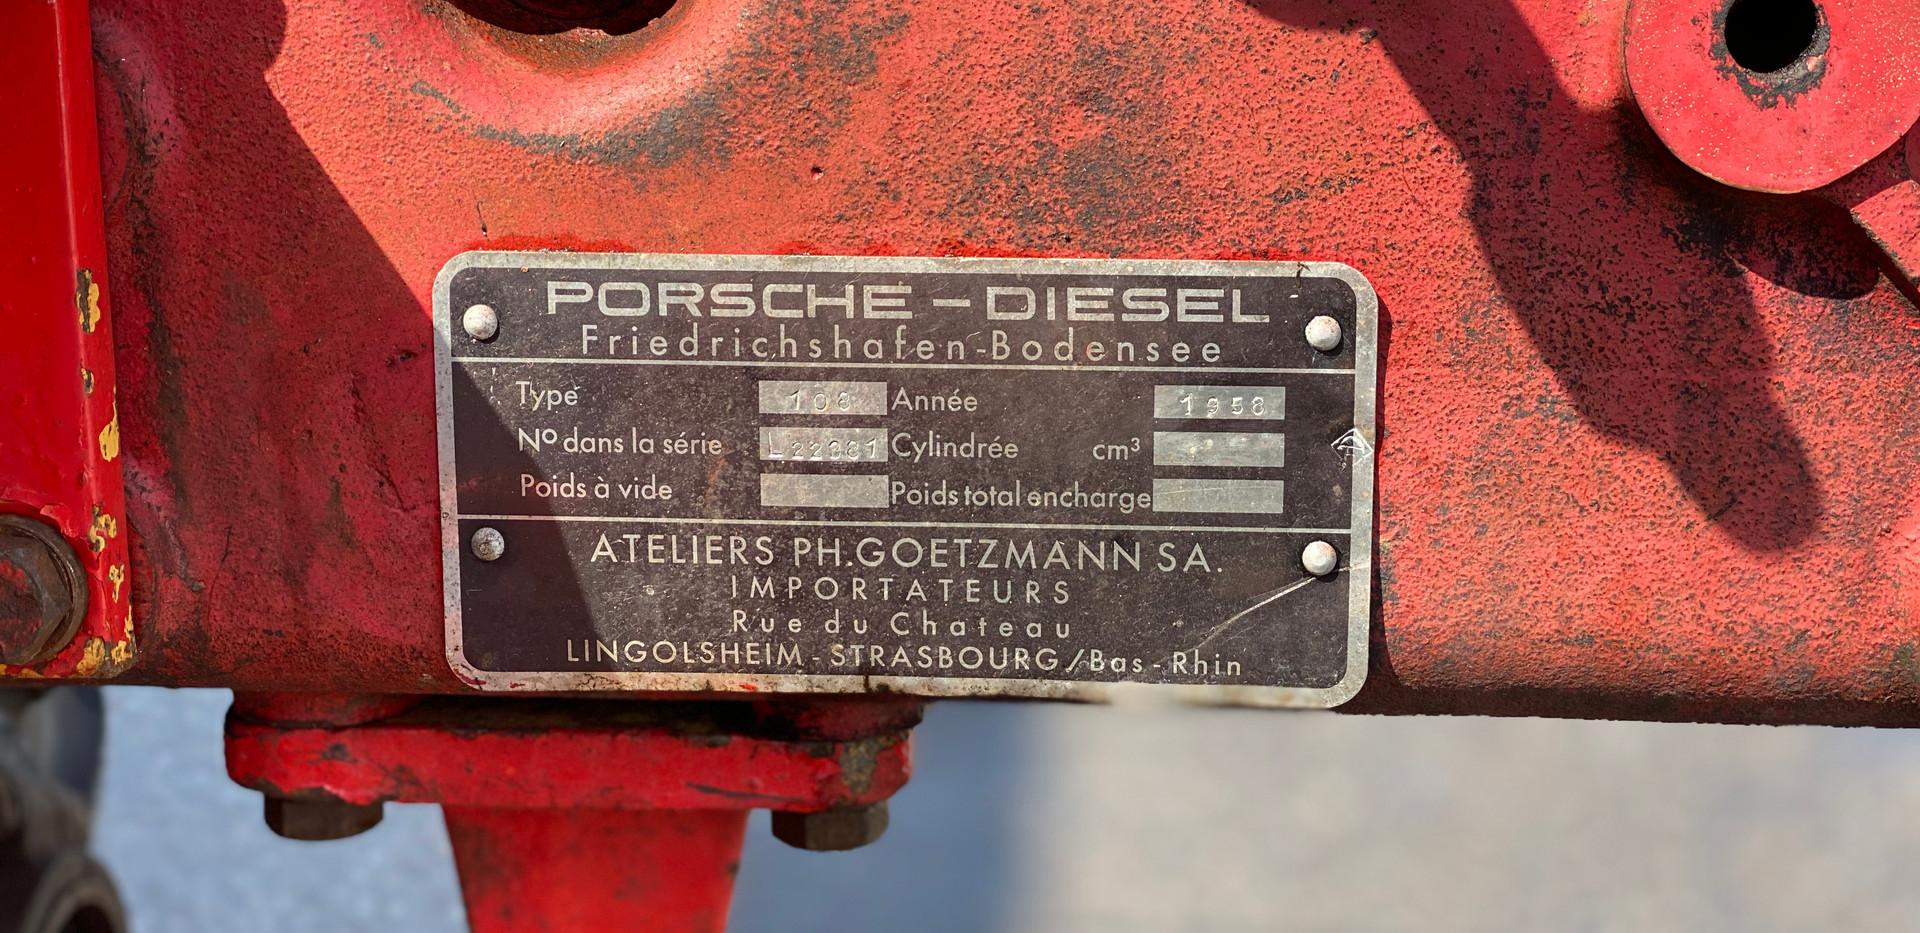 Porsche-Diesel Junior 108L 1958